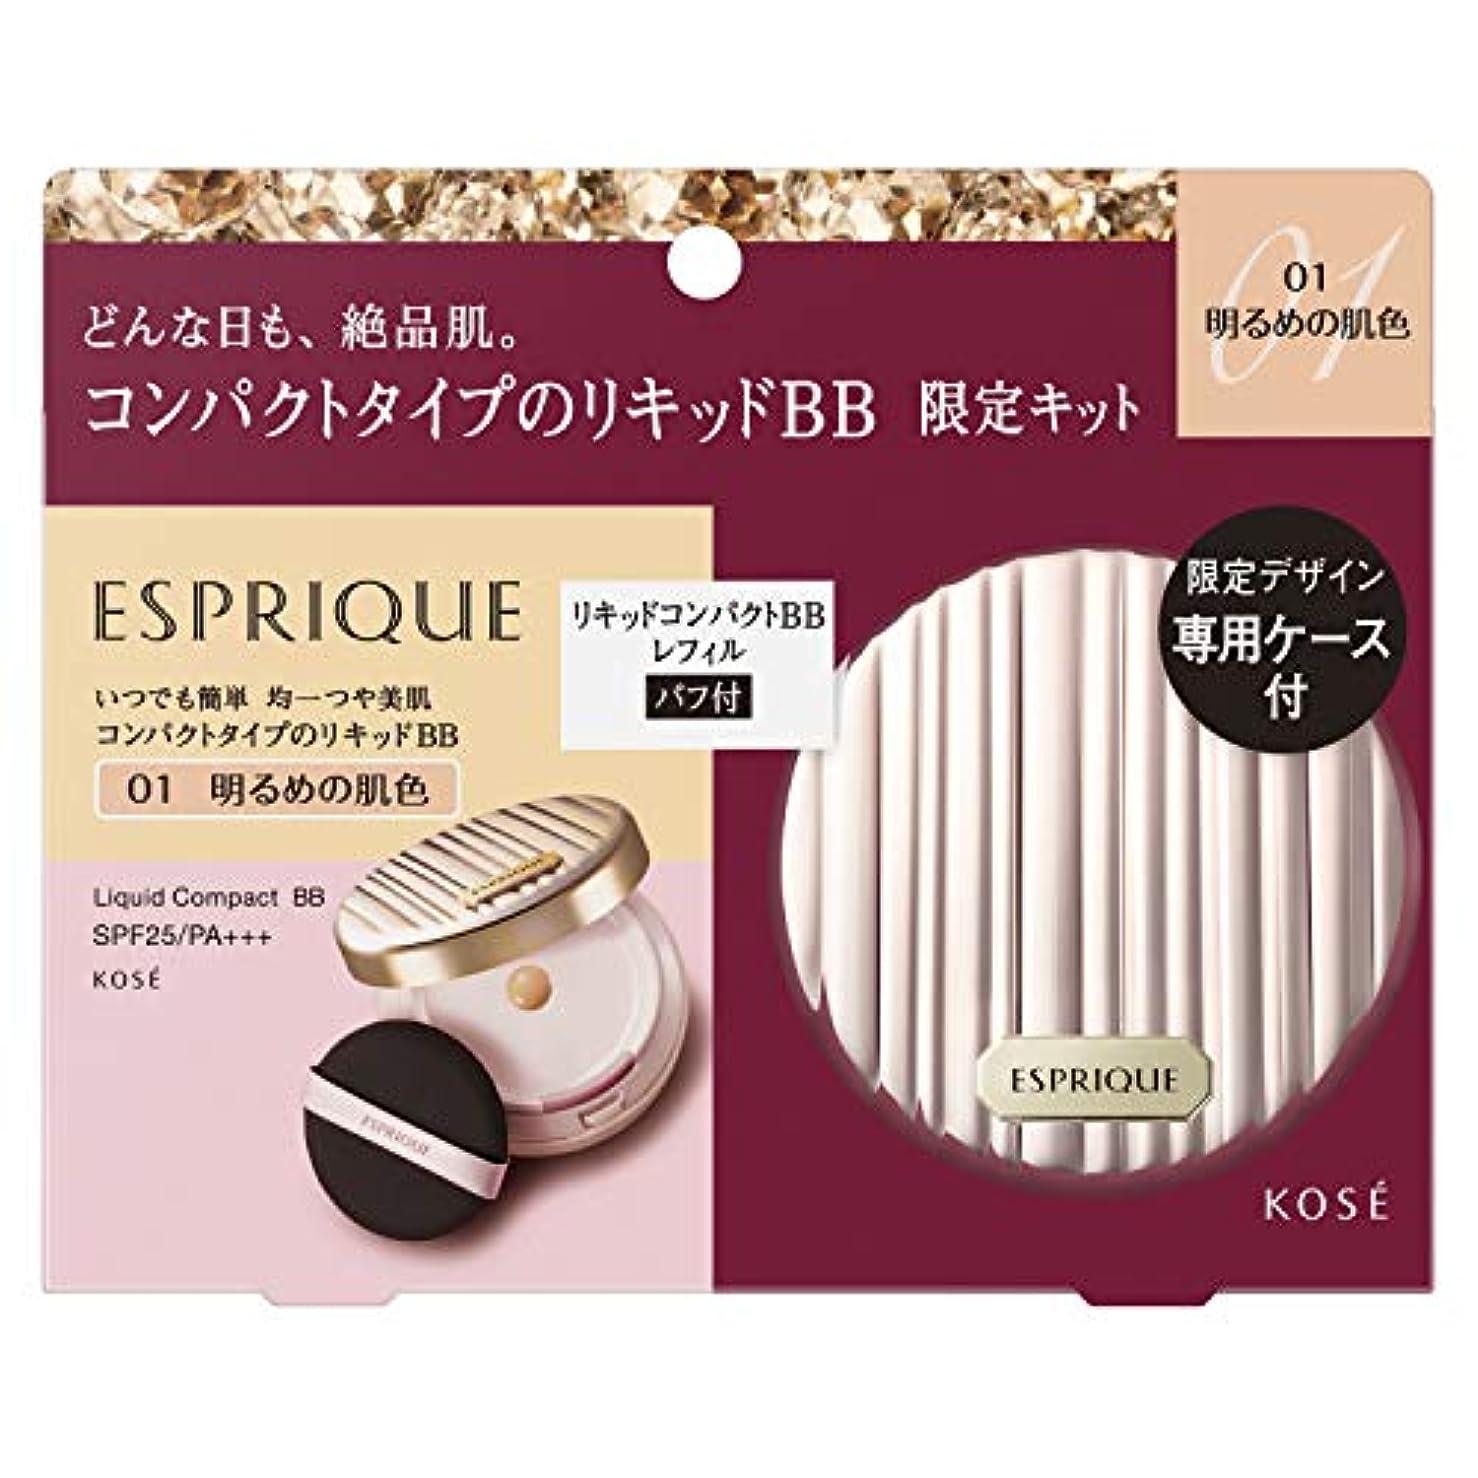 好色なハッピー適用済みエスプリーク リキッド コンパクト BB 限定キット 2 01 明るめの肌色